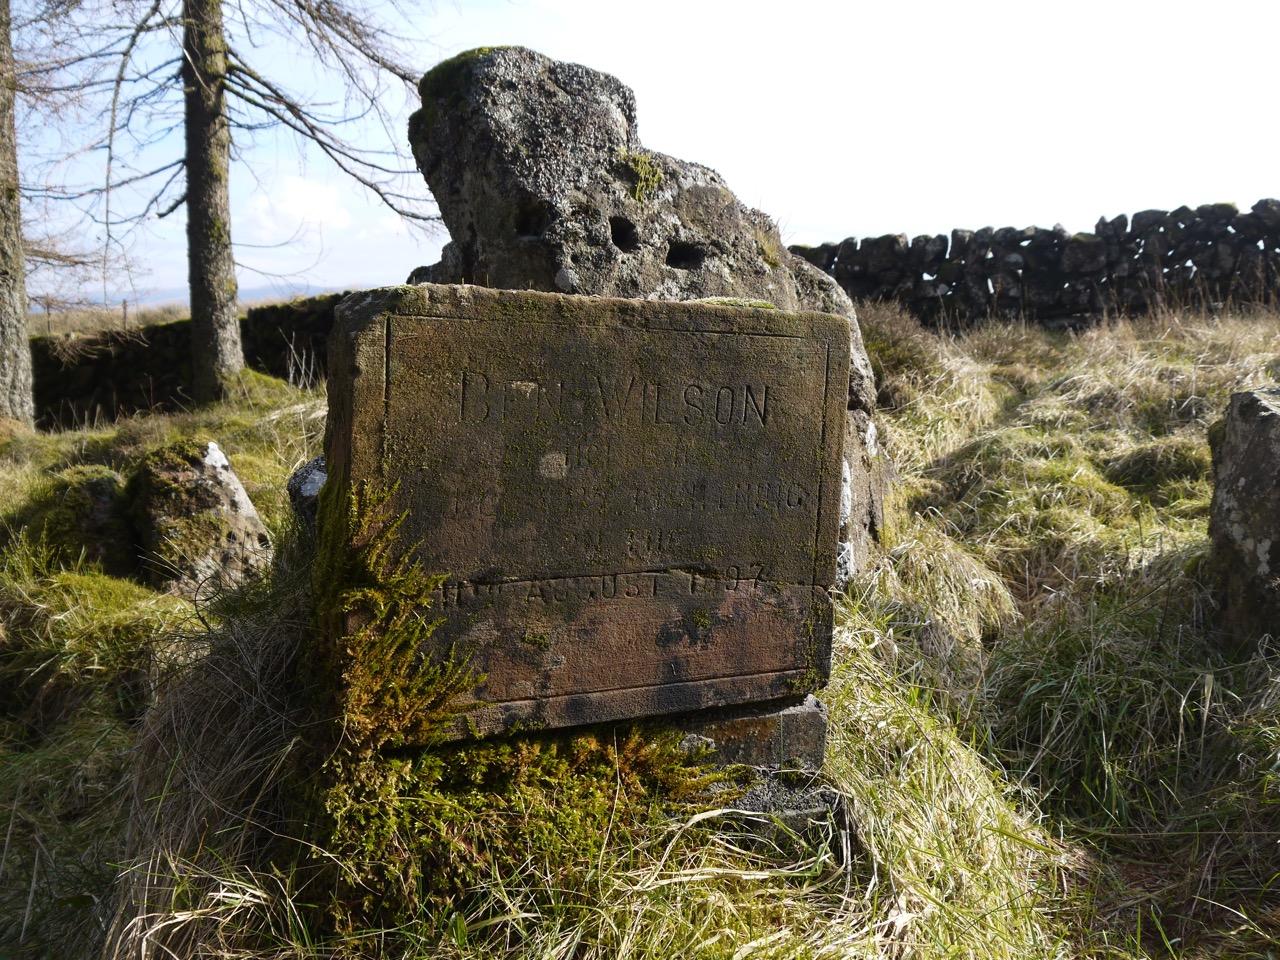 Ben Wilson memorial